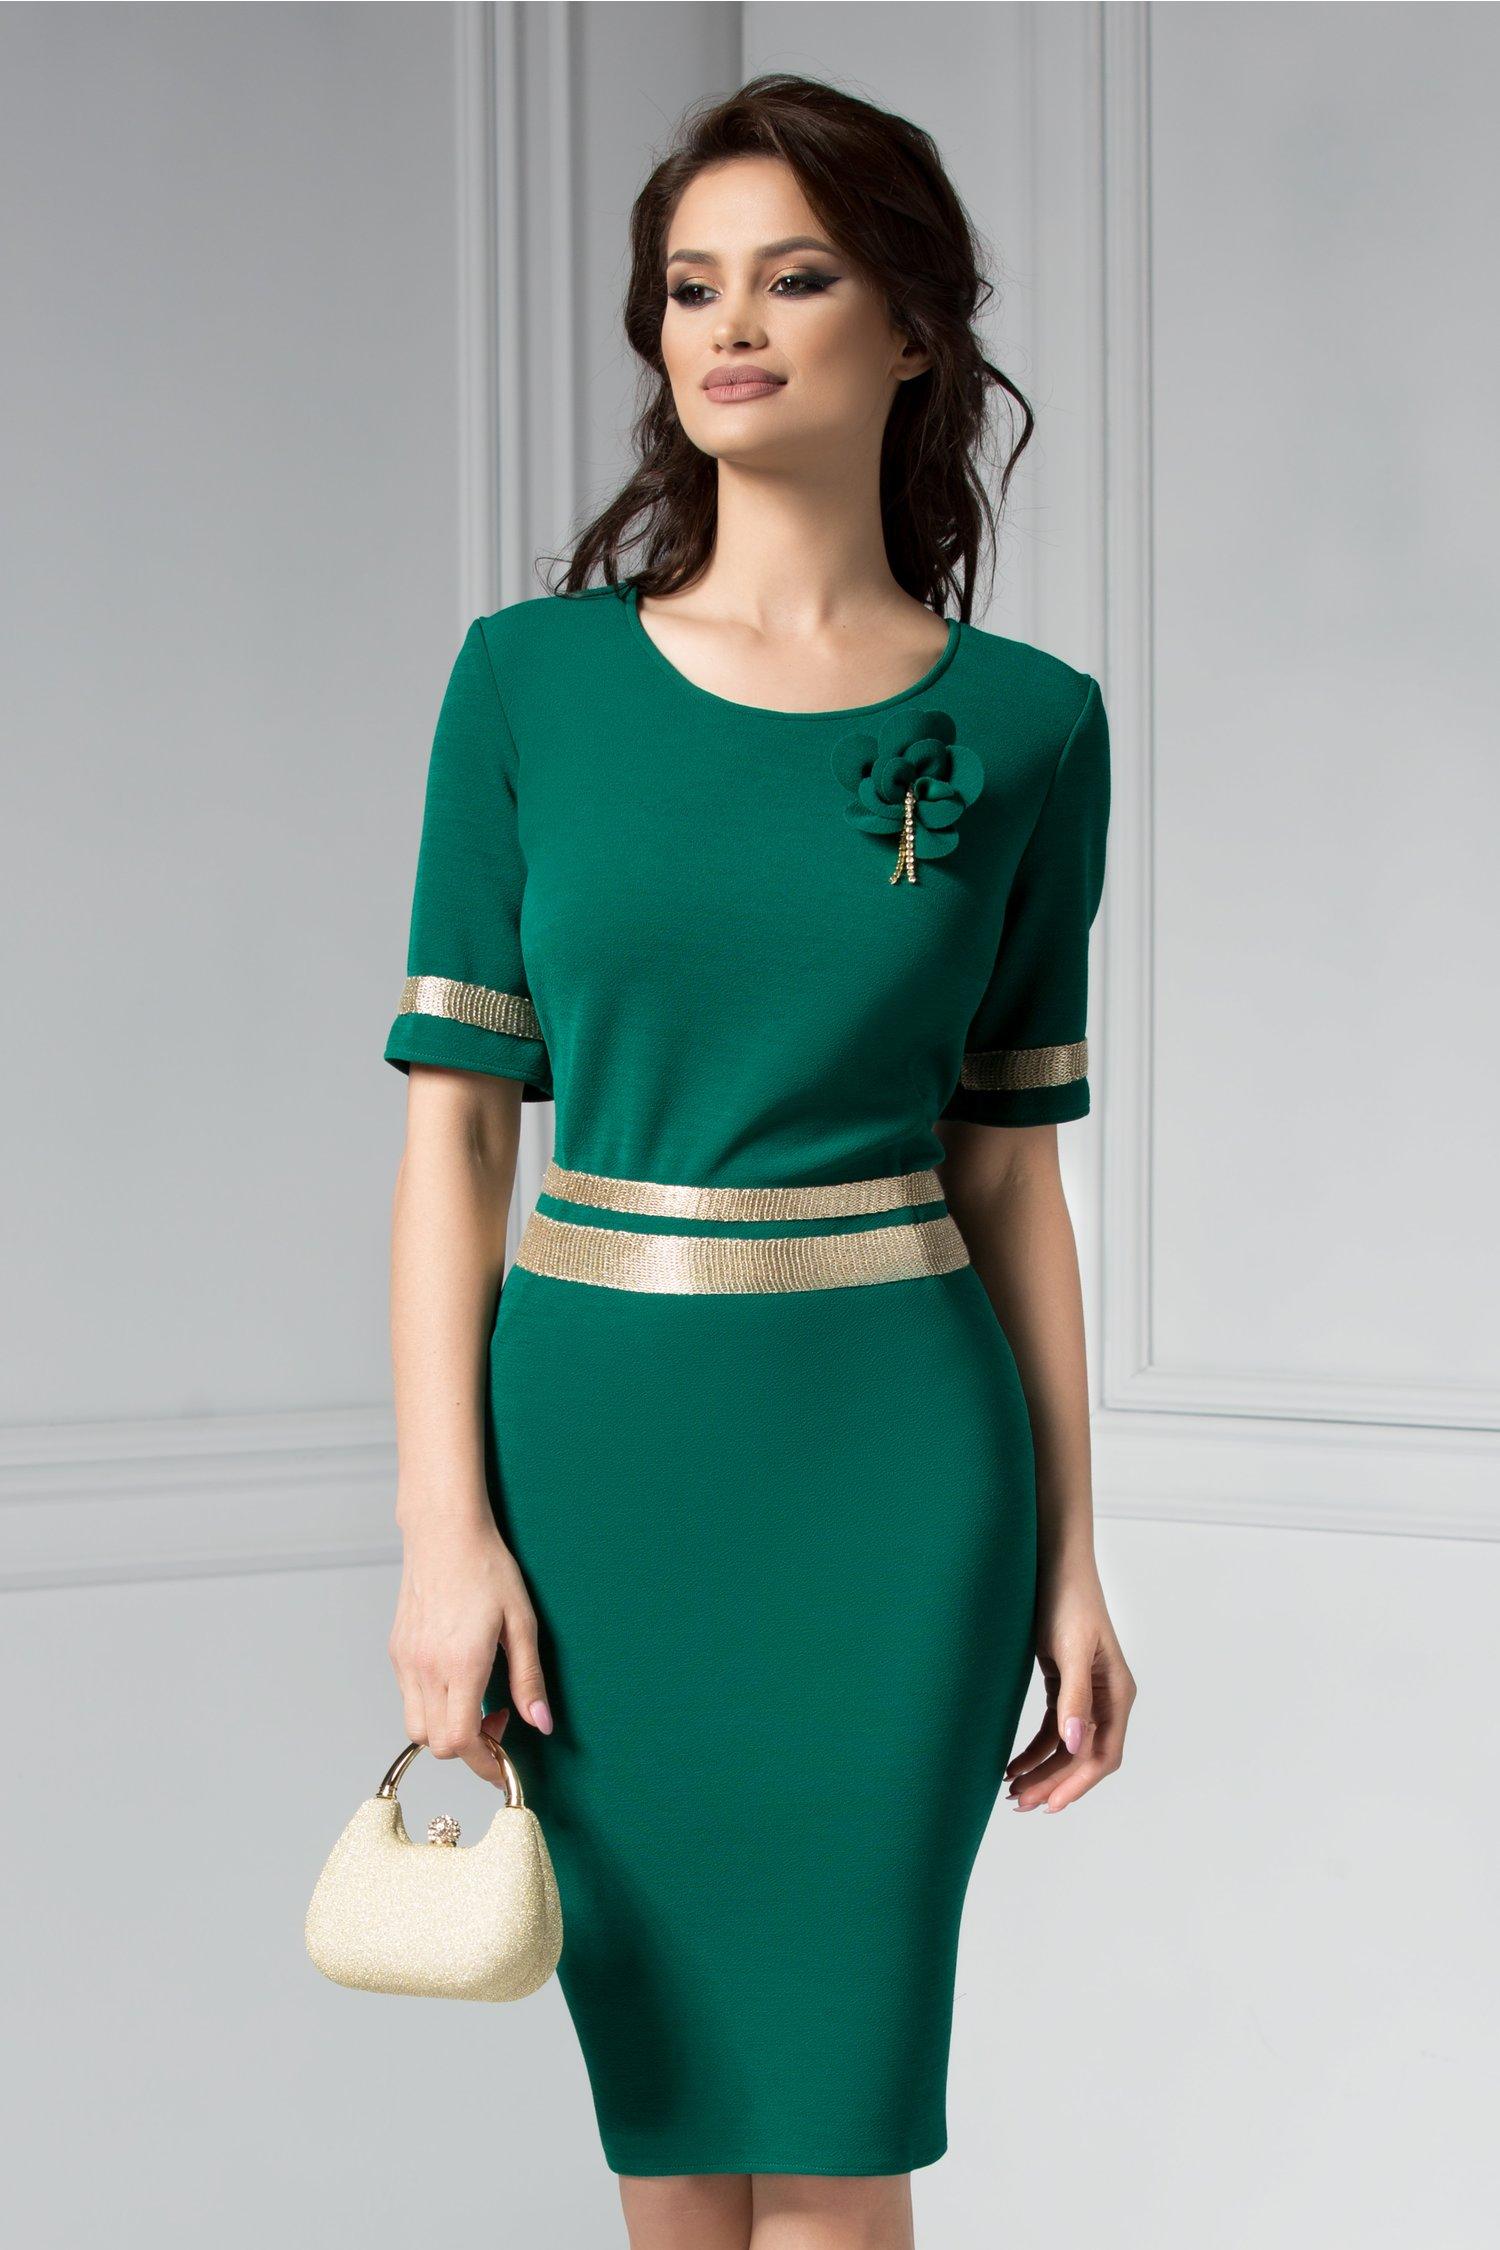 Rochie Aniela verde de ocazie cu brosa